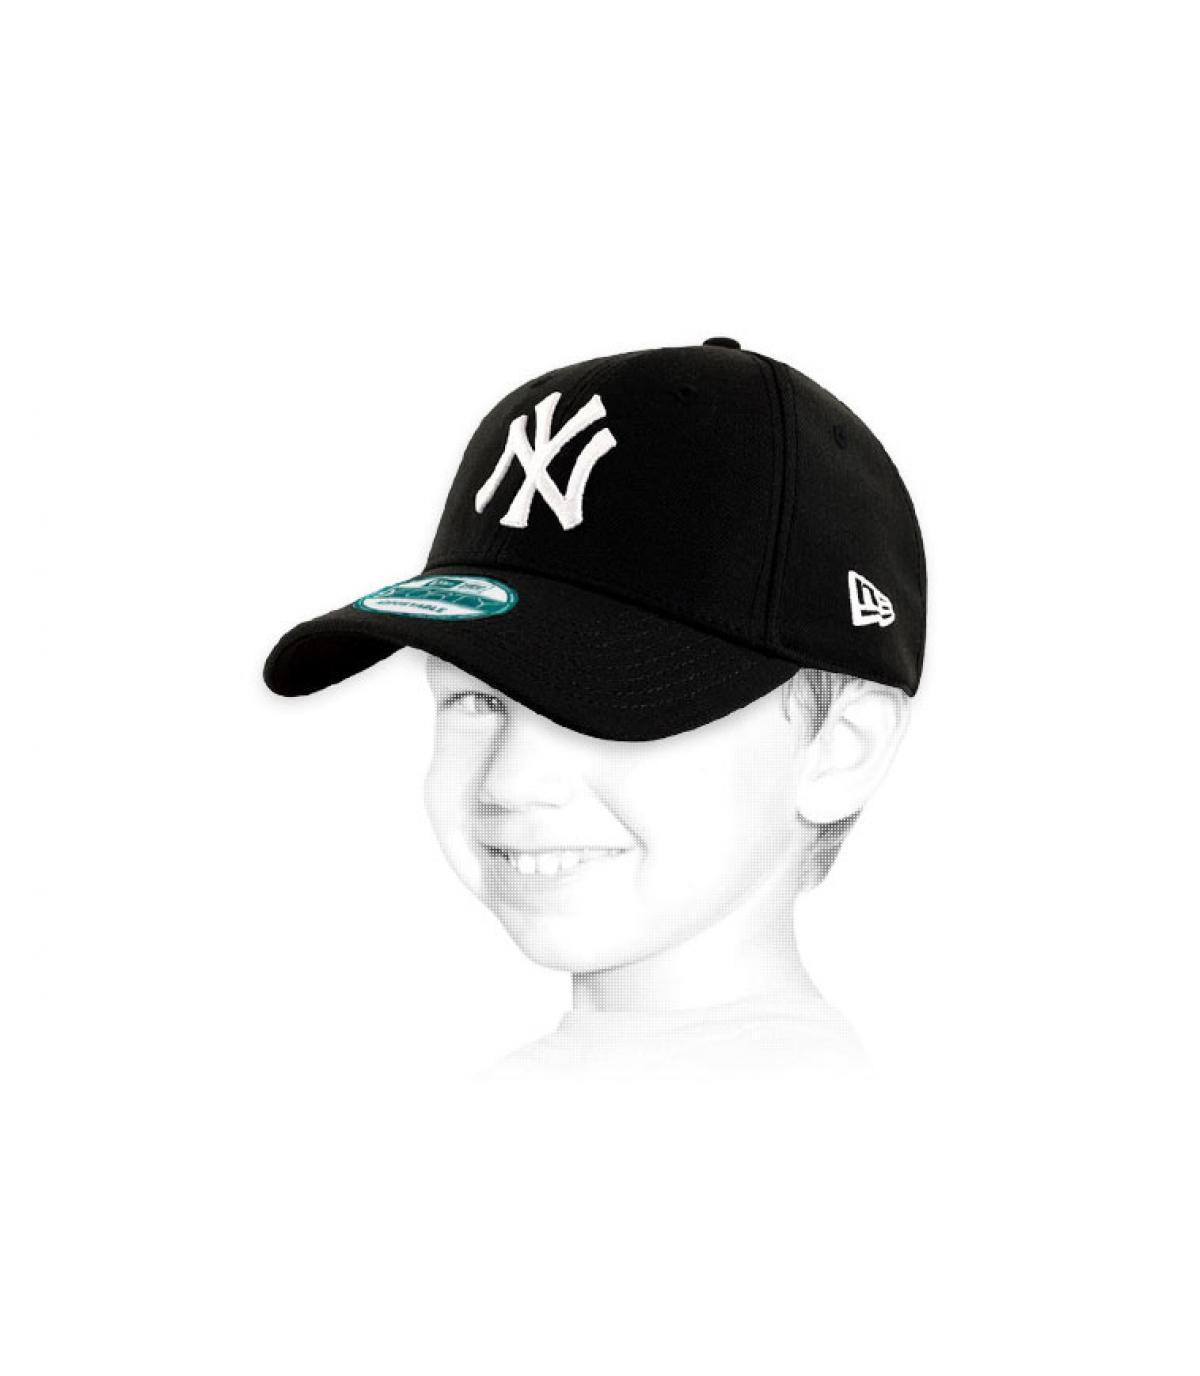 1dca5196d New Era Kind - Shop Caps New Era Kids.